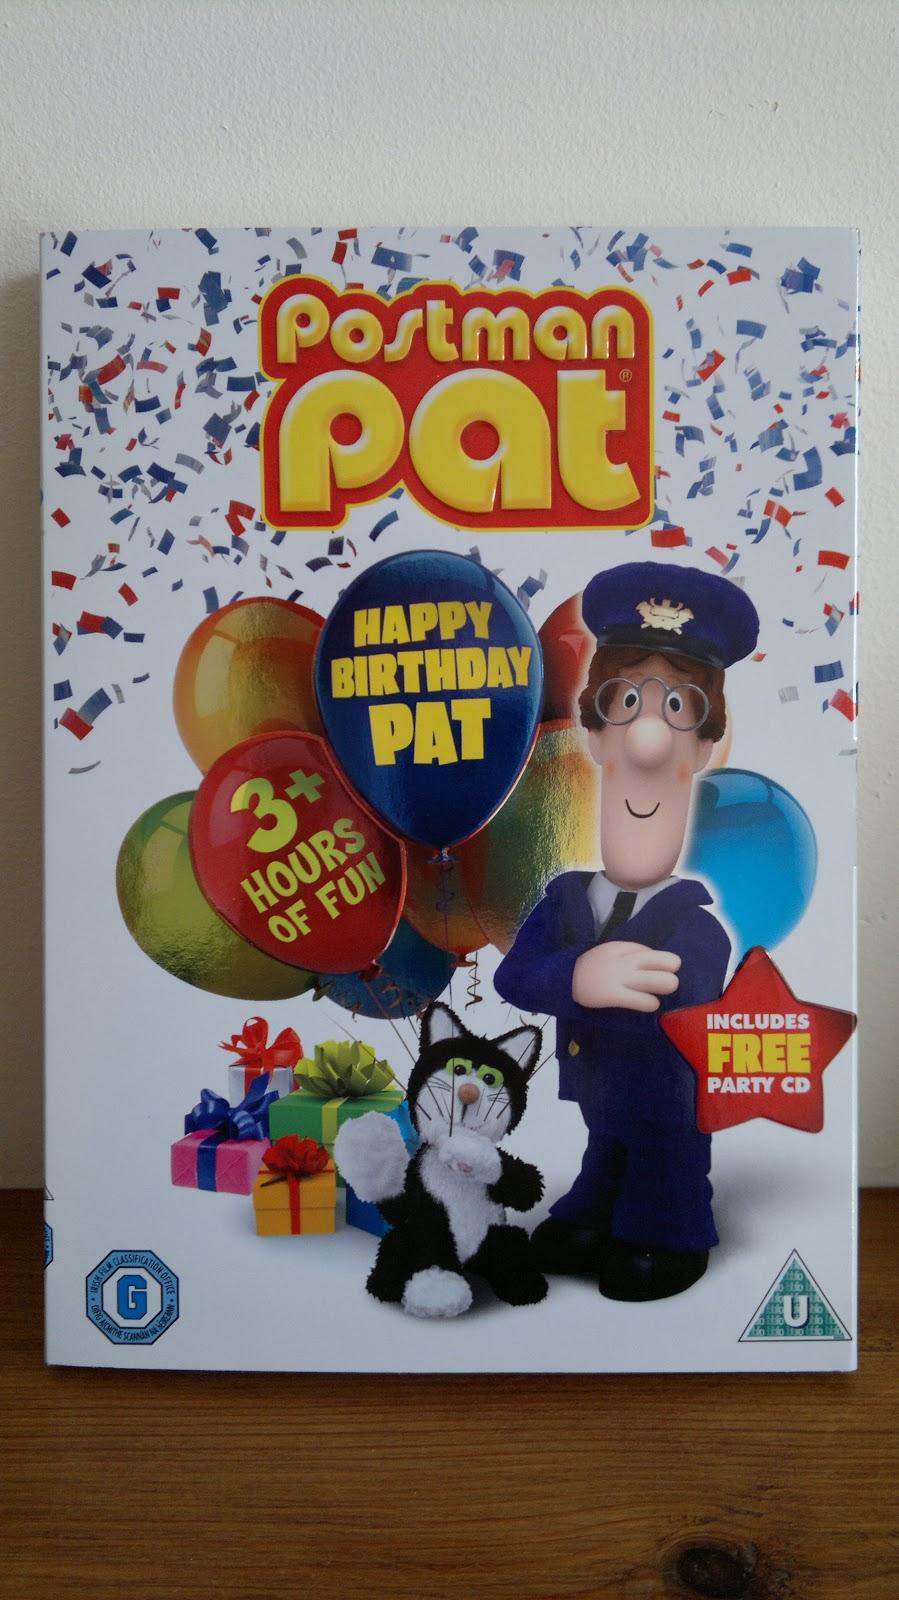 Postman Pat Birthday Cake Sainsbury S